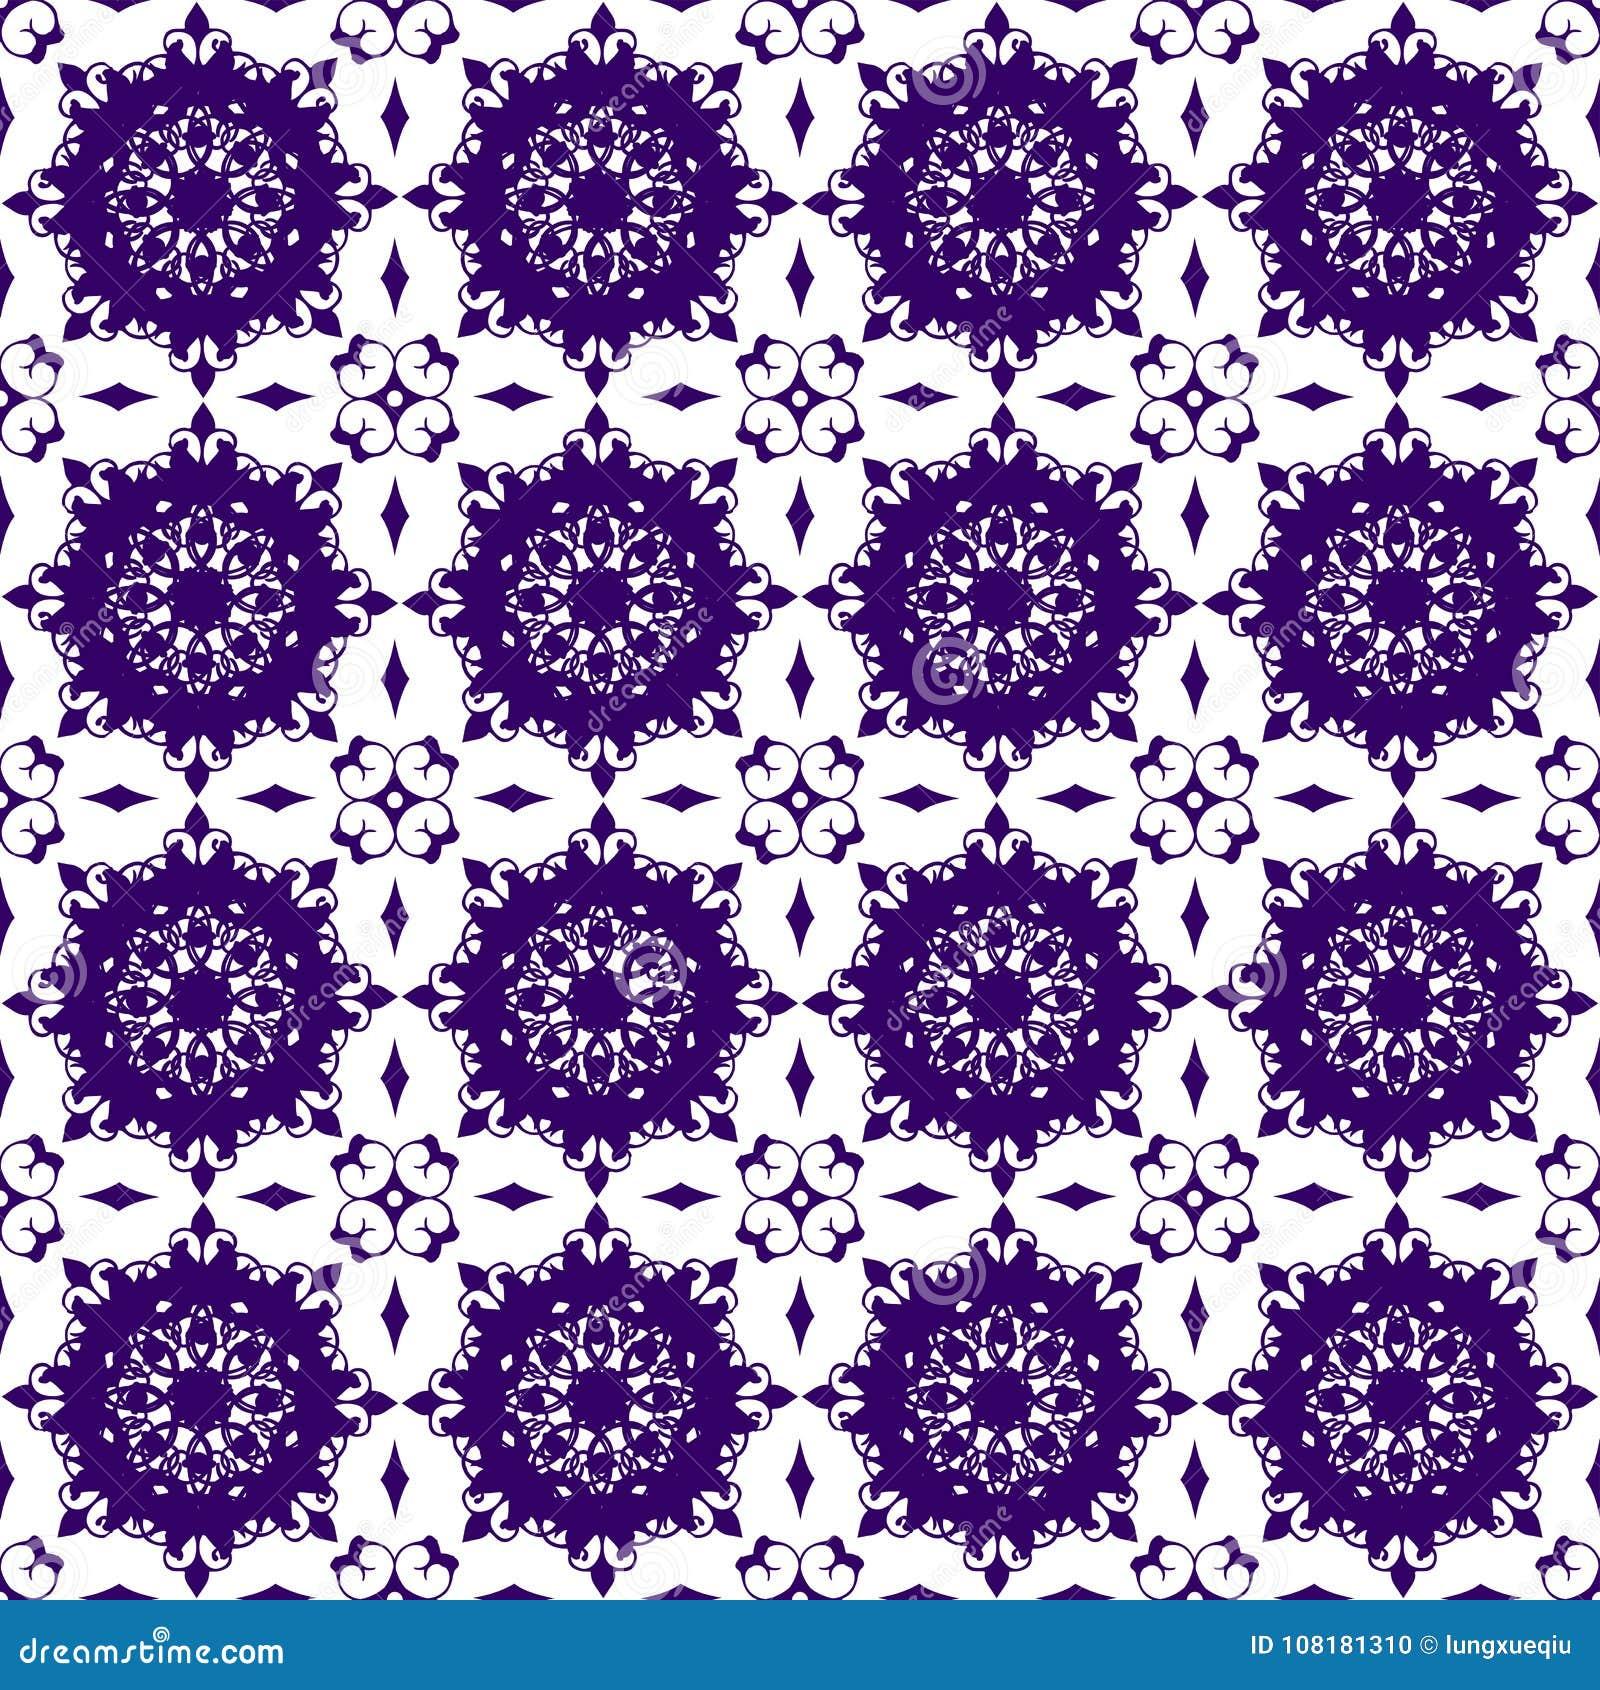 Dekorative orientalische blaue purpurrote Violet Floral Beautiful Royal Vintage-Frühlings-Zusammenfassungs-nahtlose Muster-Bescha